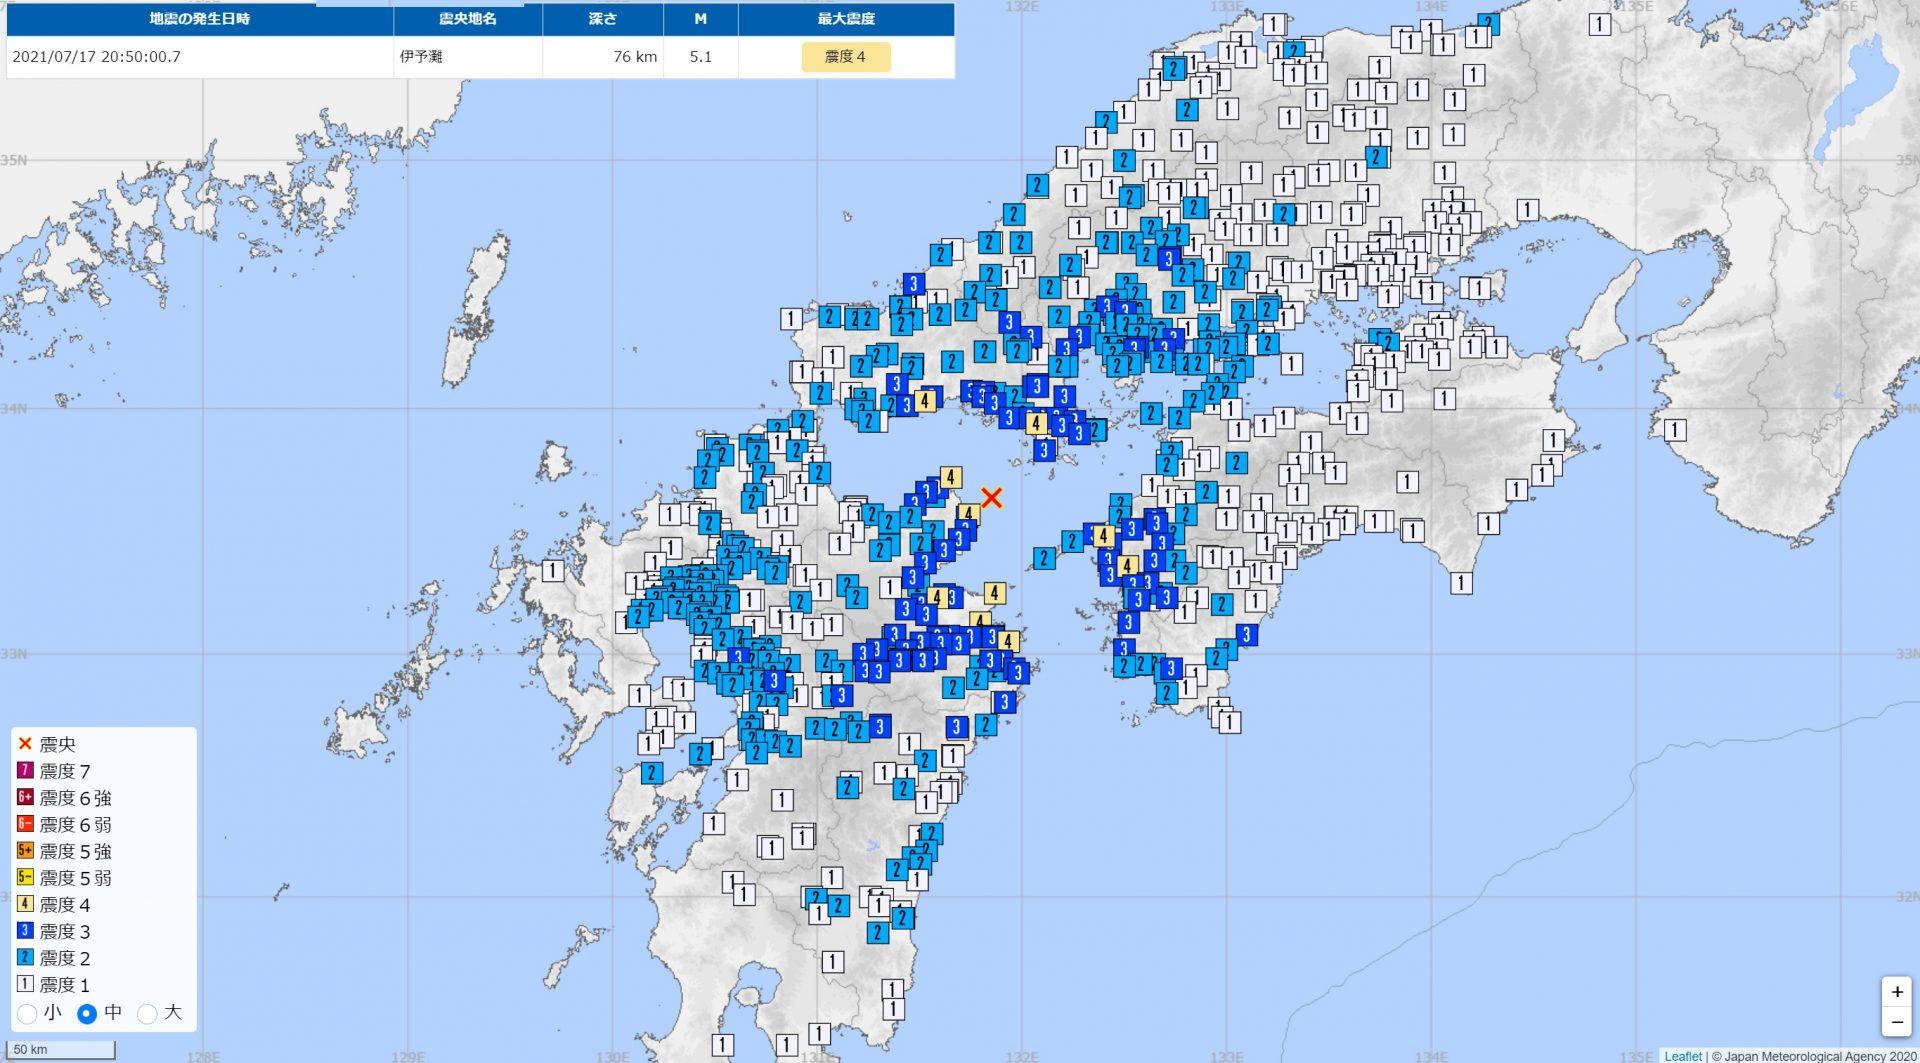 7月17日発生地震